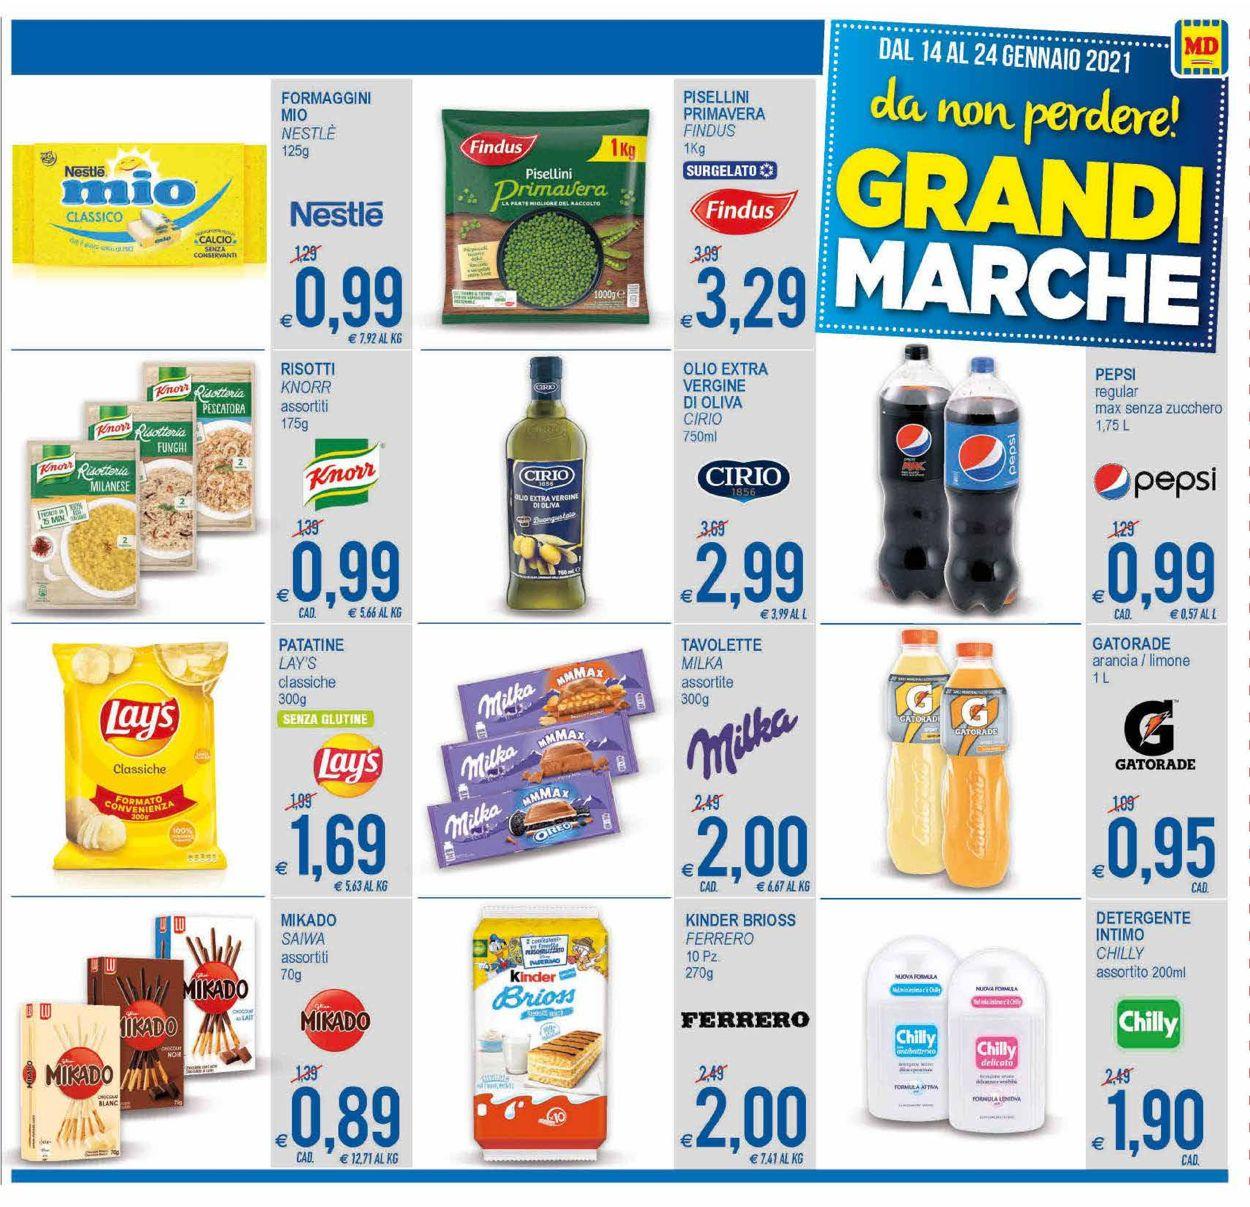 Volantino MD Discount - Offerte 14/01-24/01/2021 (Pagina 15)